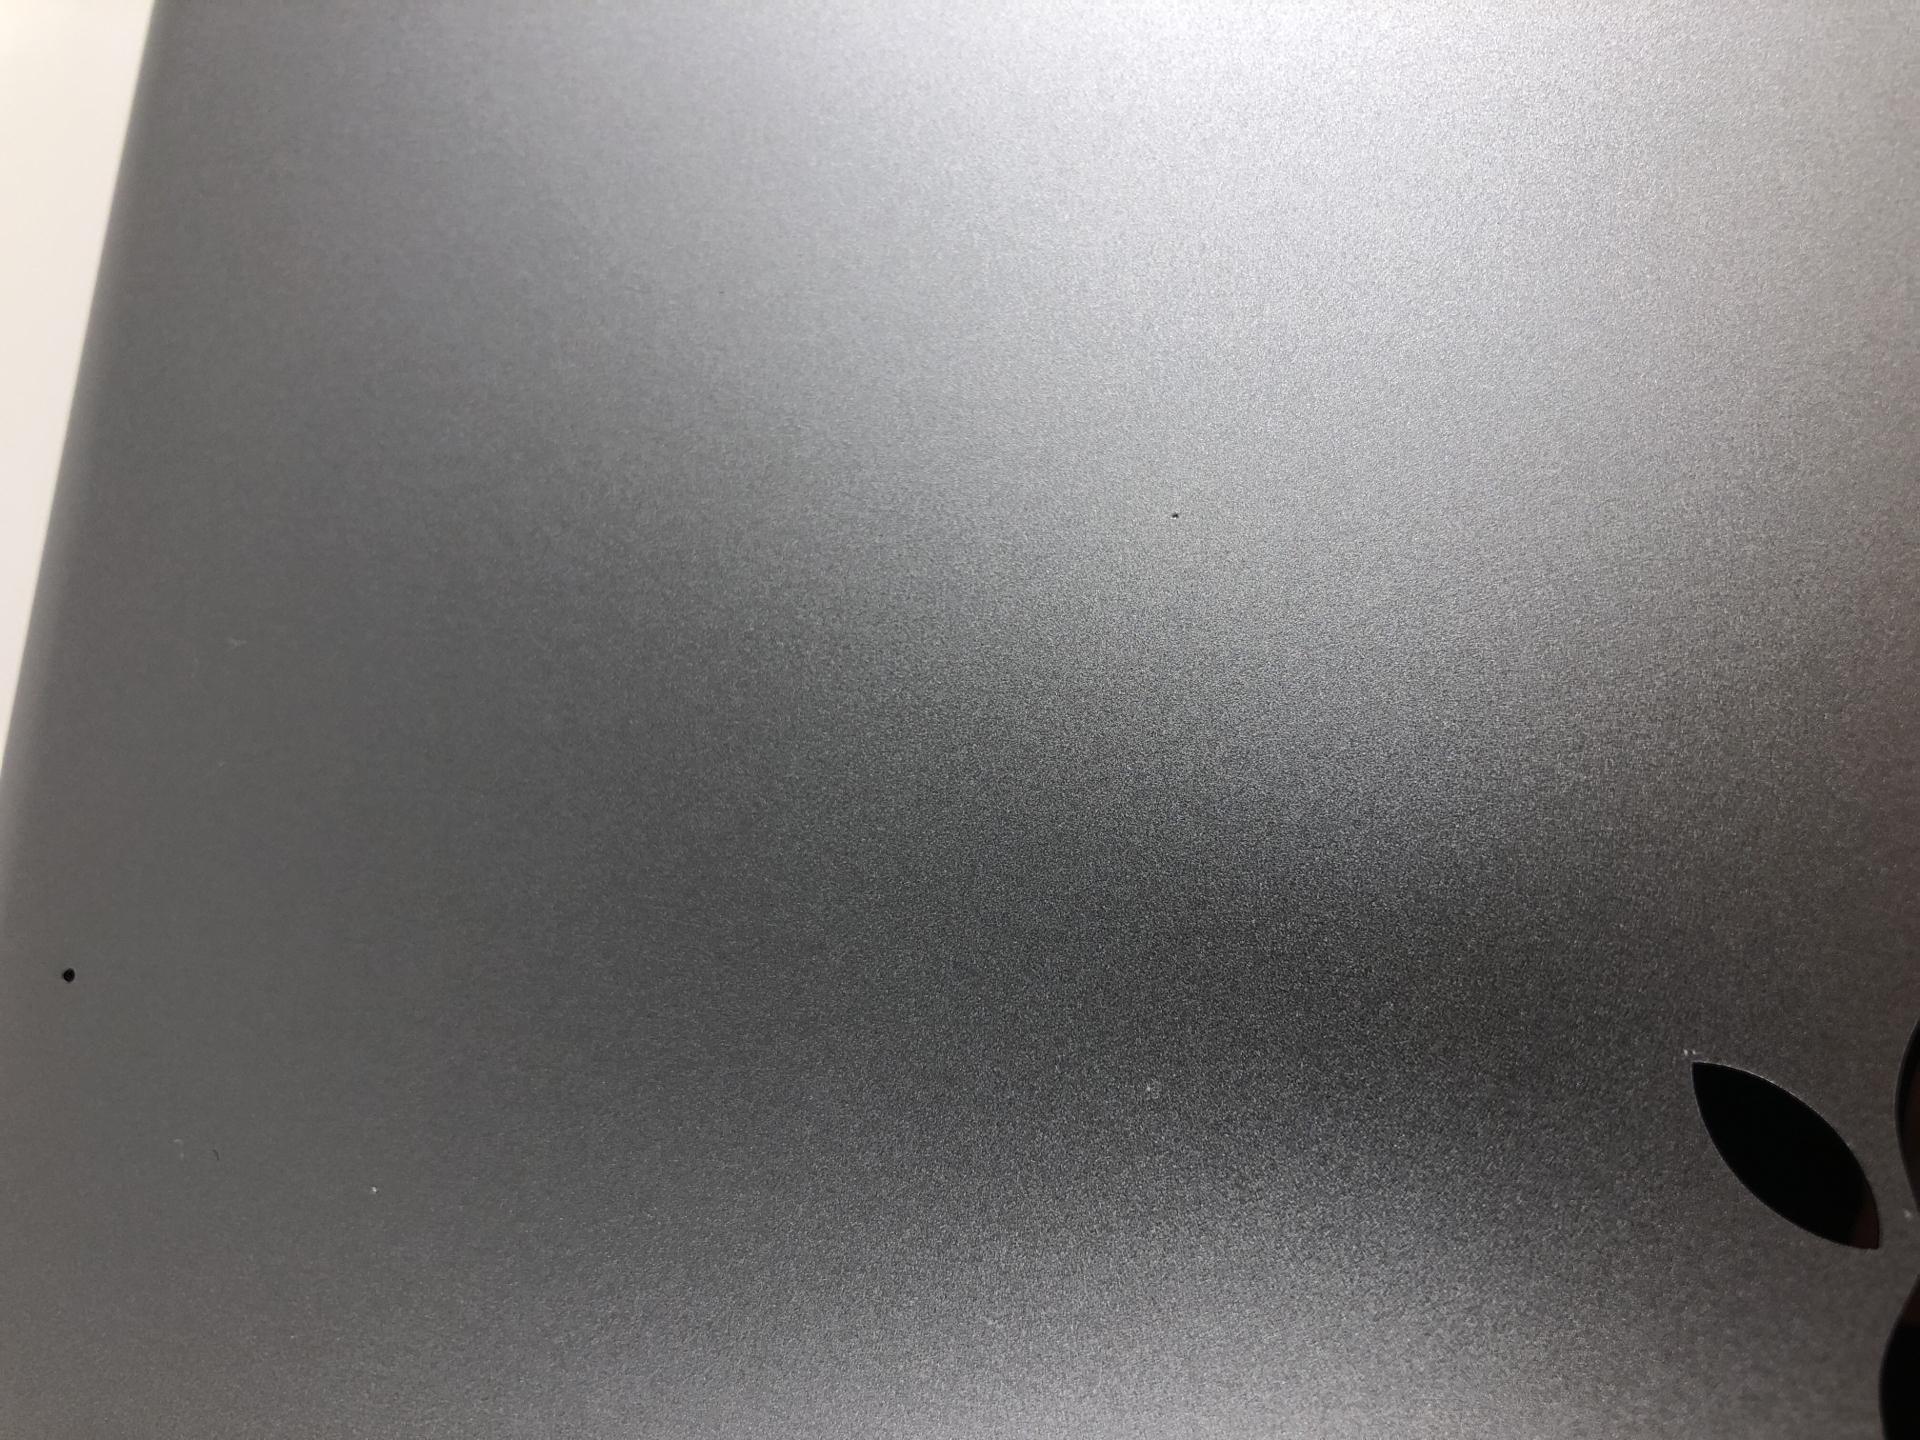 iPad 5 Wi-Fi 32GB, 32GB, Space Gray, immagine 3